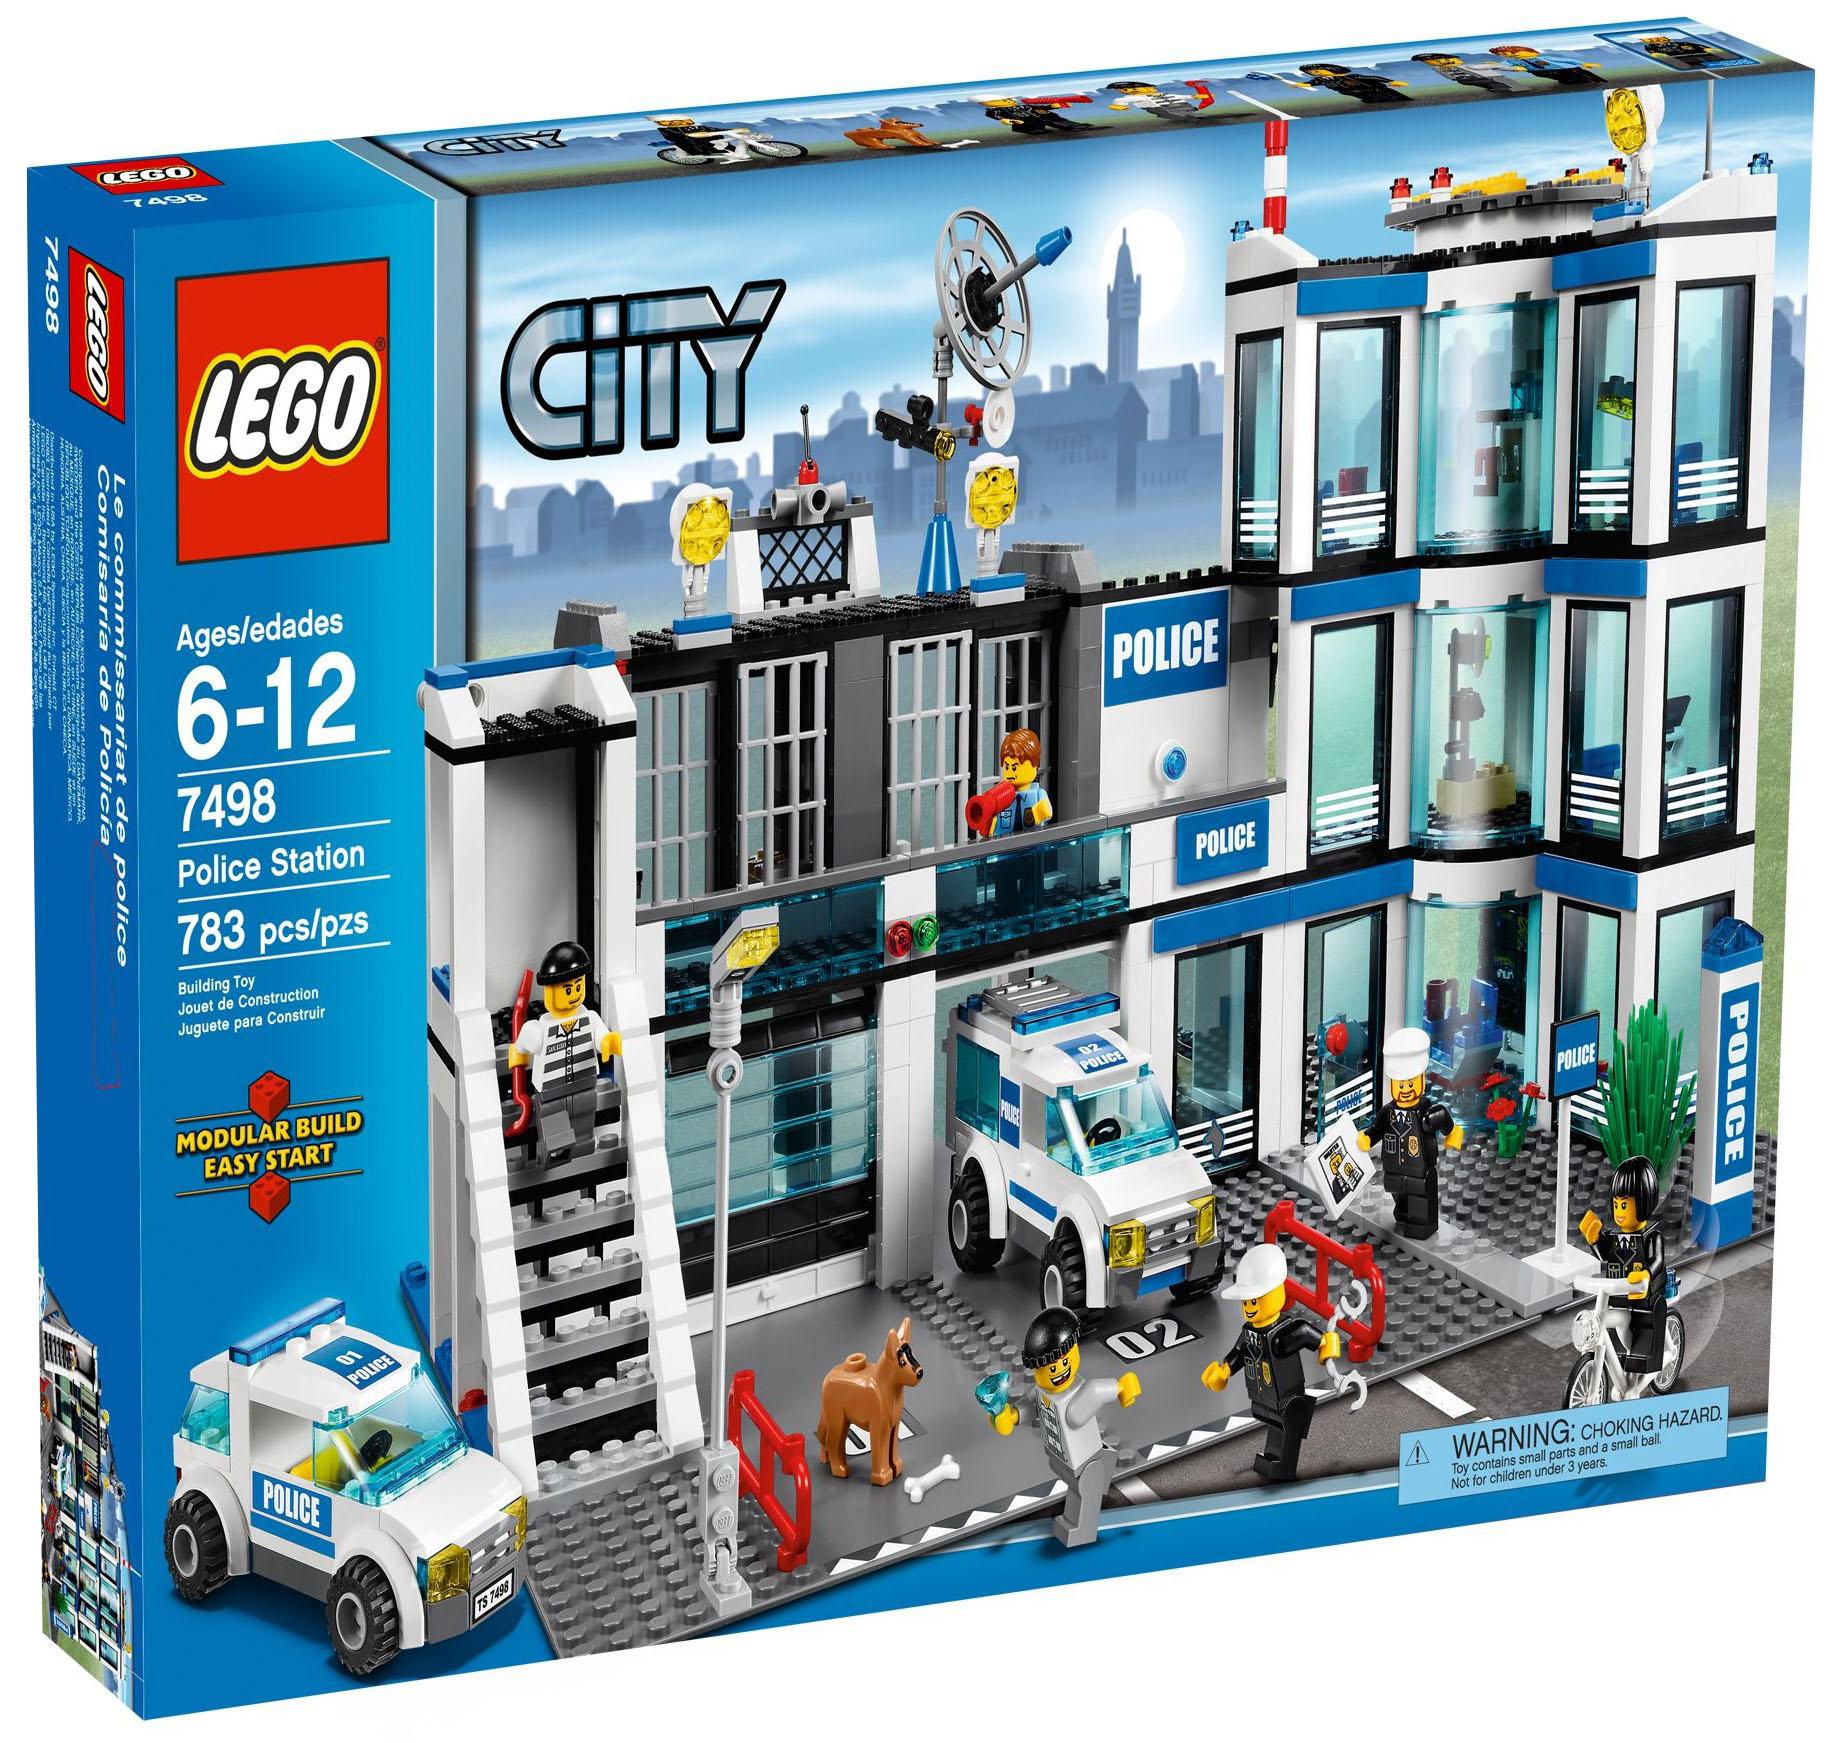 lego city 7498 pas cher le commissariat de police. Black Bedroom Furniture Sets. Home Design Ideas